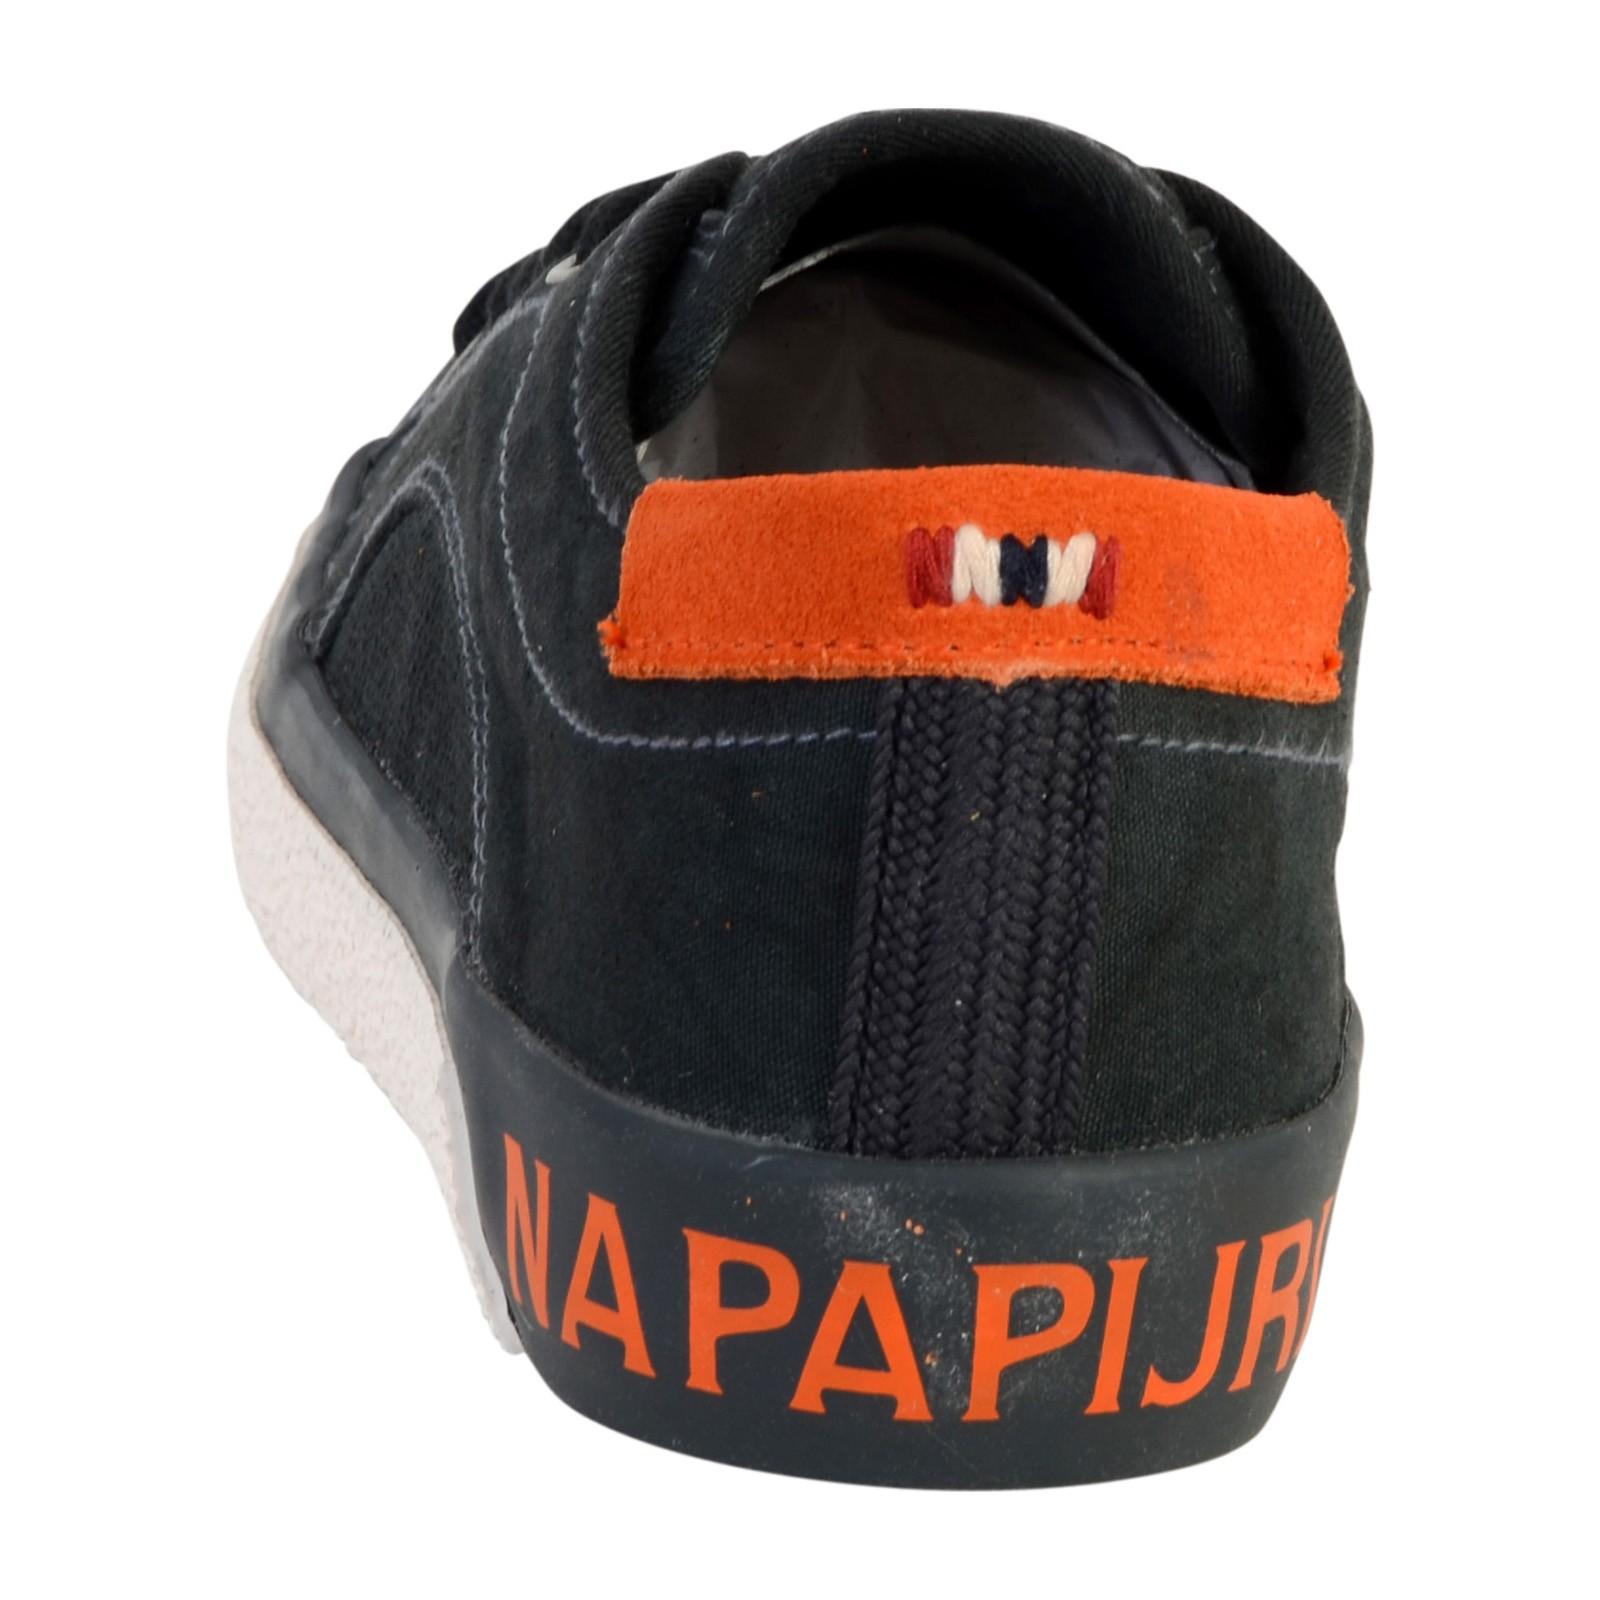 Homme / / / femme Basket Napapijri Jacob vendre Promotion Différents styles et styles | Mode Attrayant  | En Qualité Supérieure  | Supérieurs Performances  3f7f66